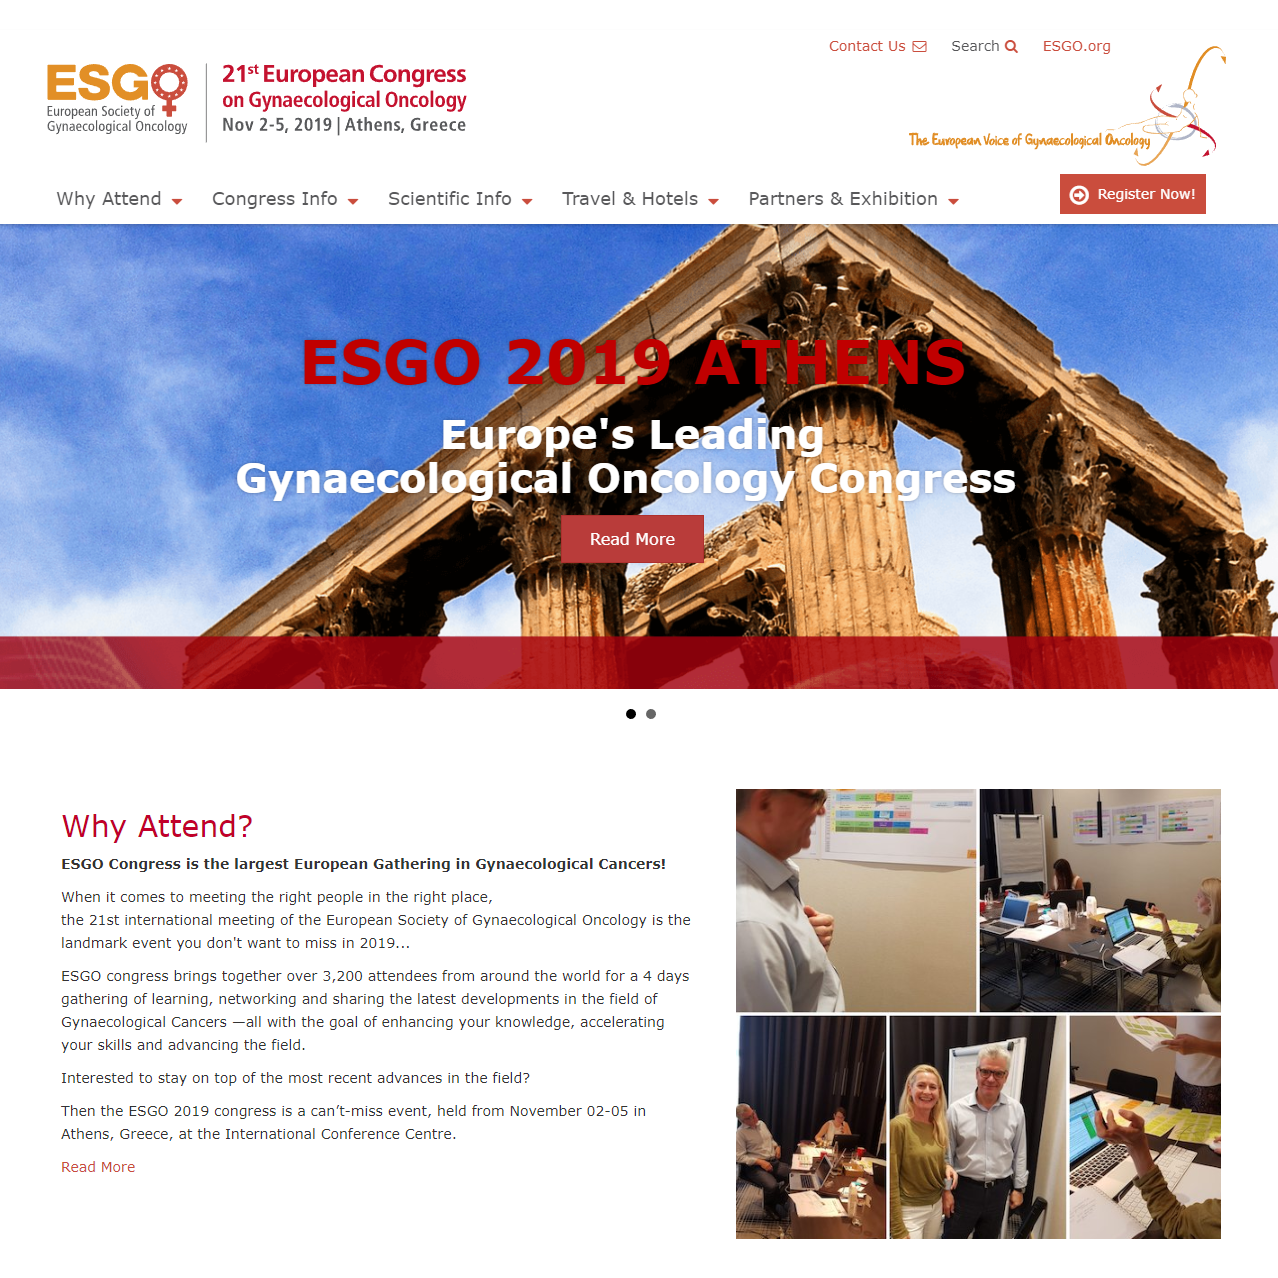 ESGO 2019 Congress